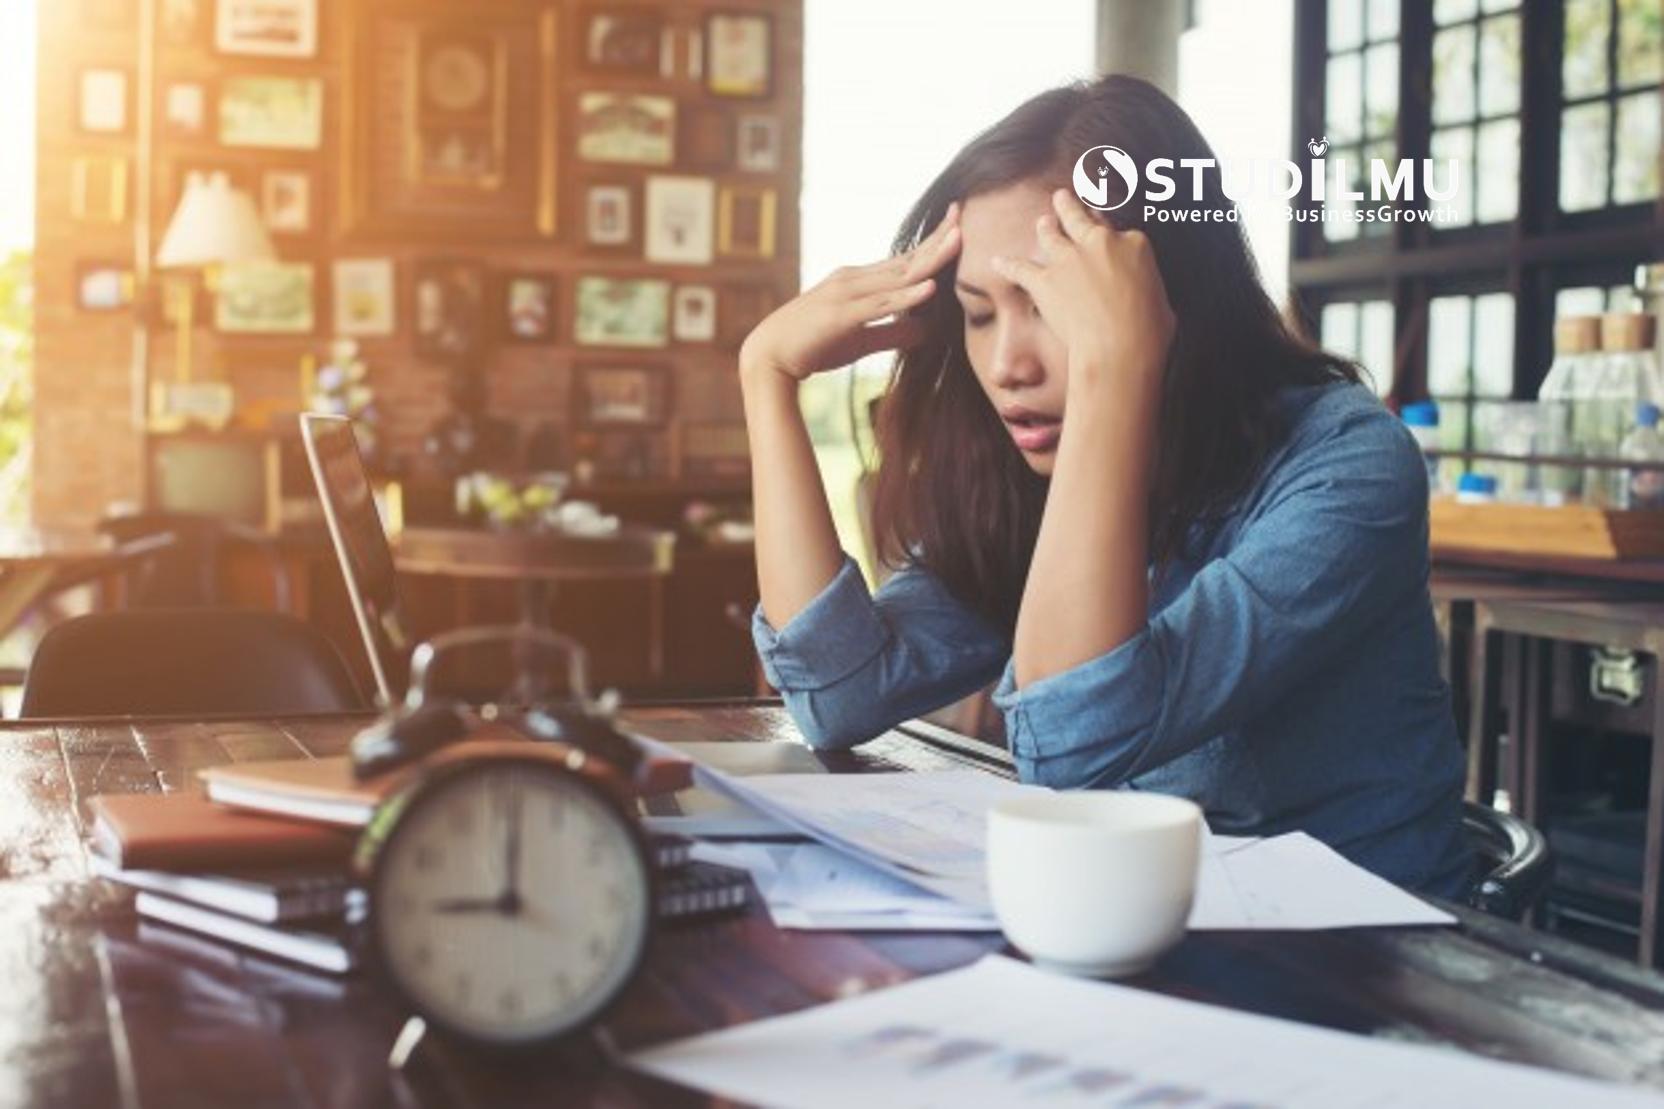 7 Self-Improvement yang Harus Dilakukan Saat Ingin Menyerah